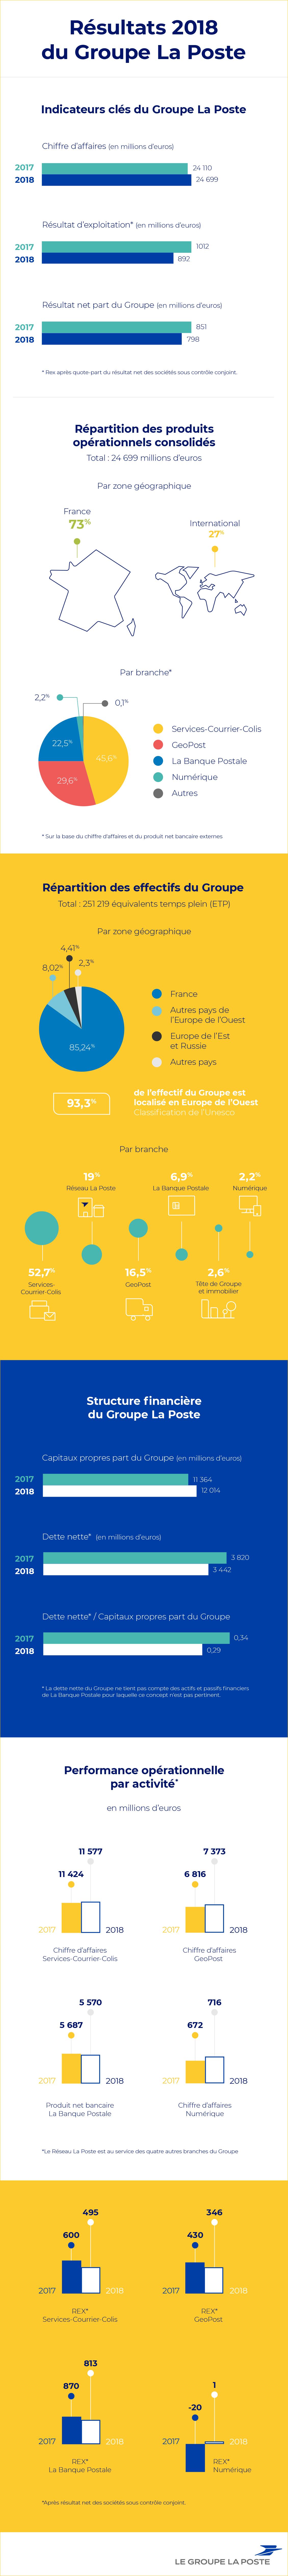 Infographie avec les chiffres clés des résultats 2018 du Groupe la Poste [transcription proposée en téléchargement]